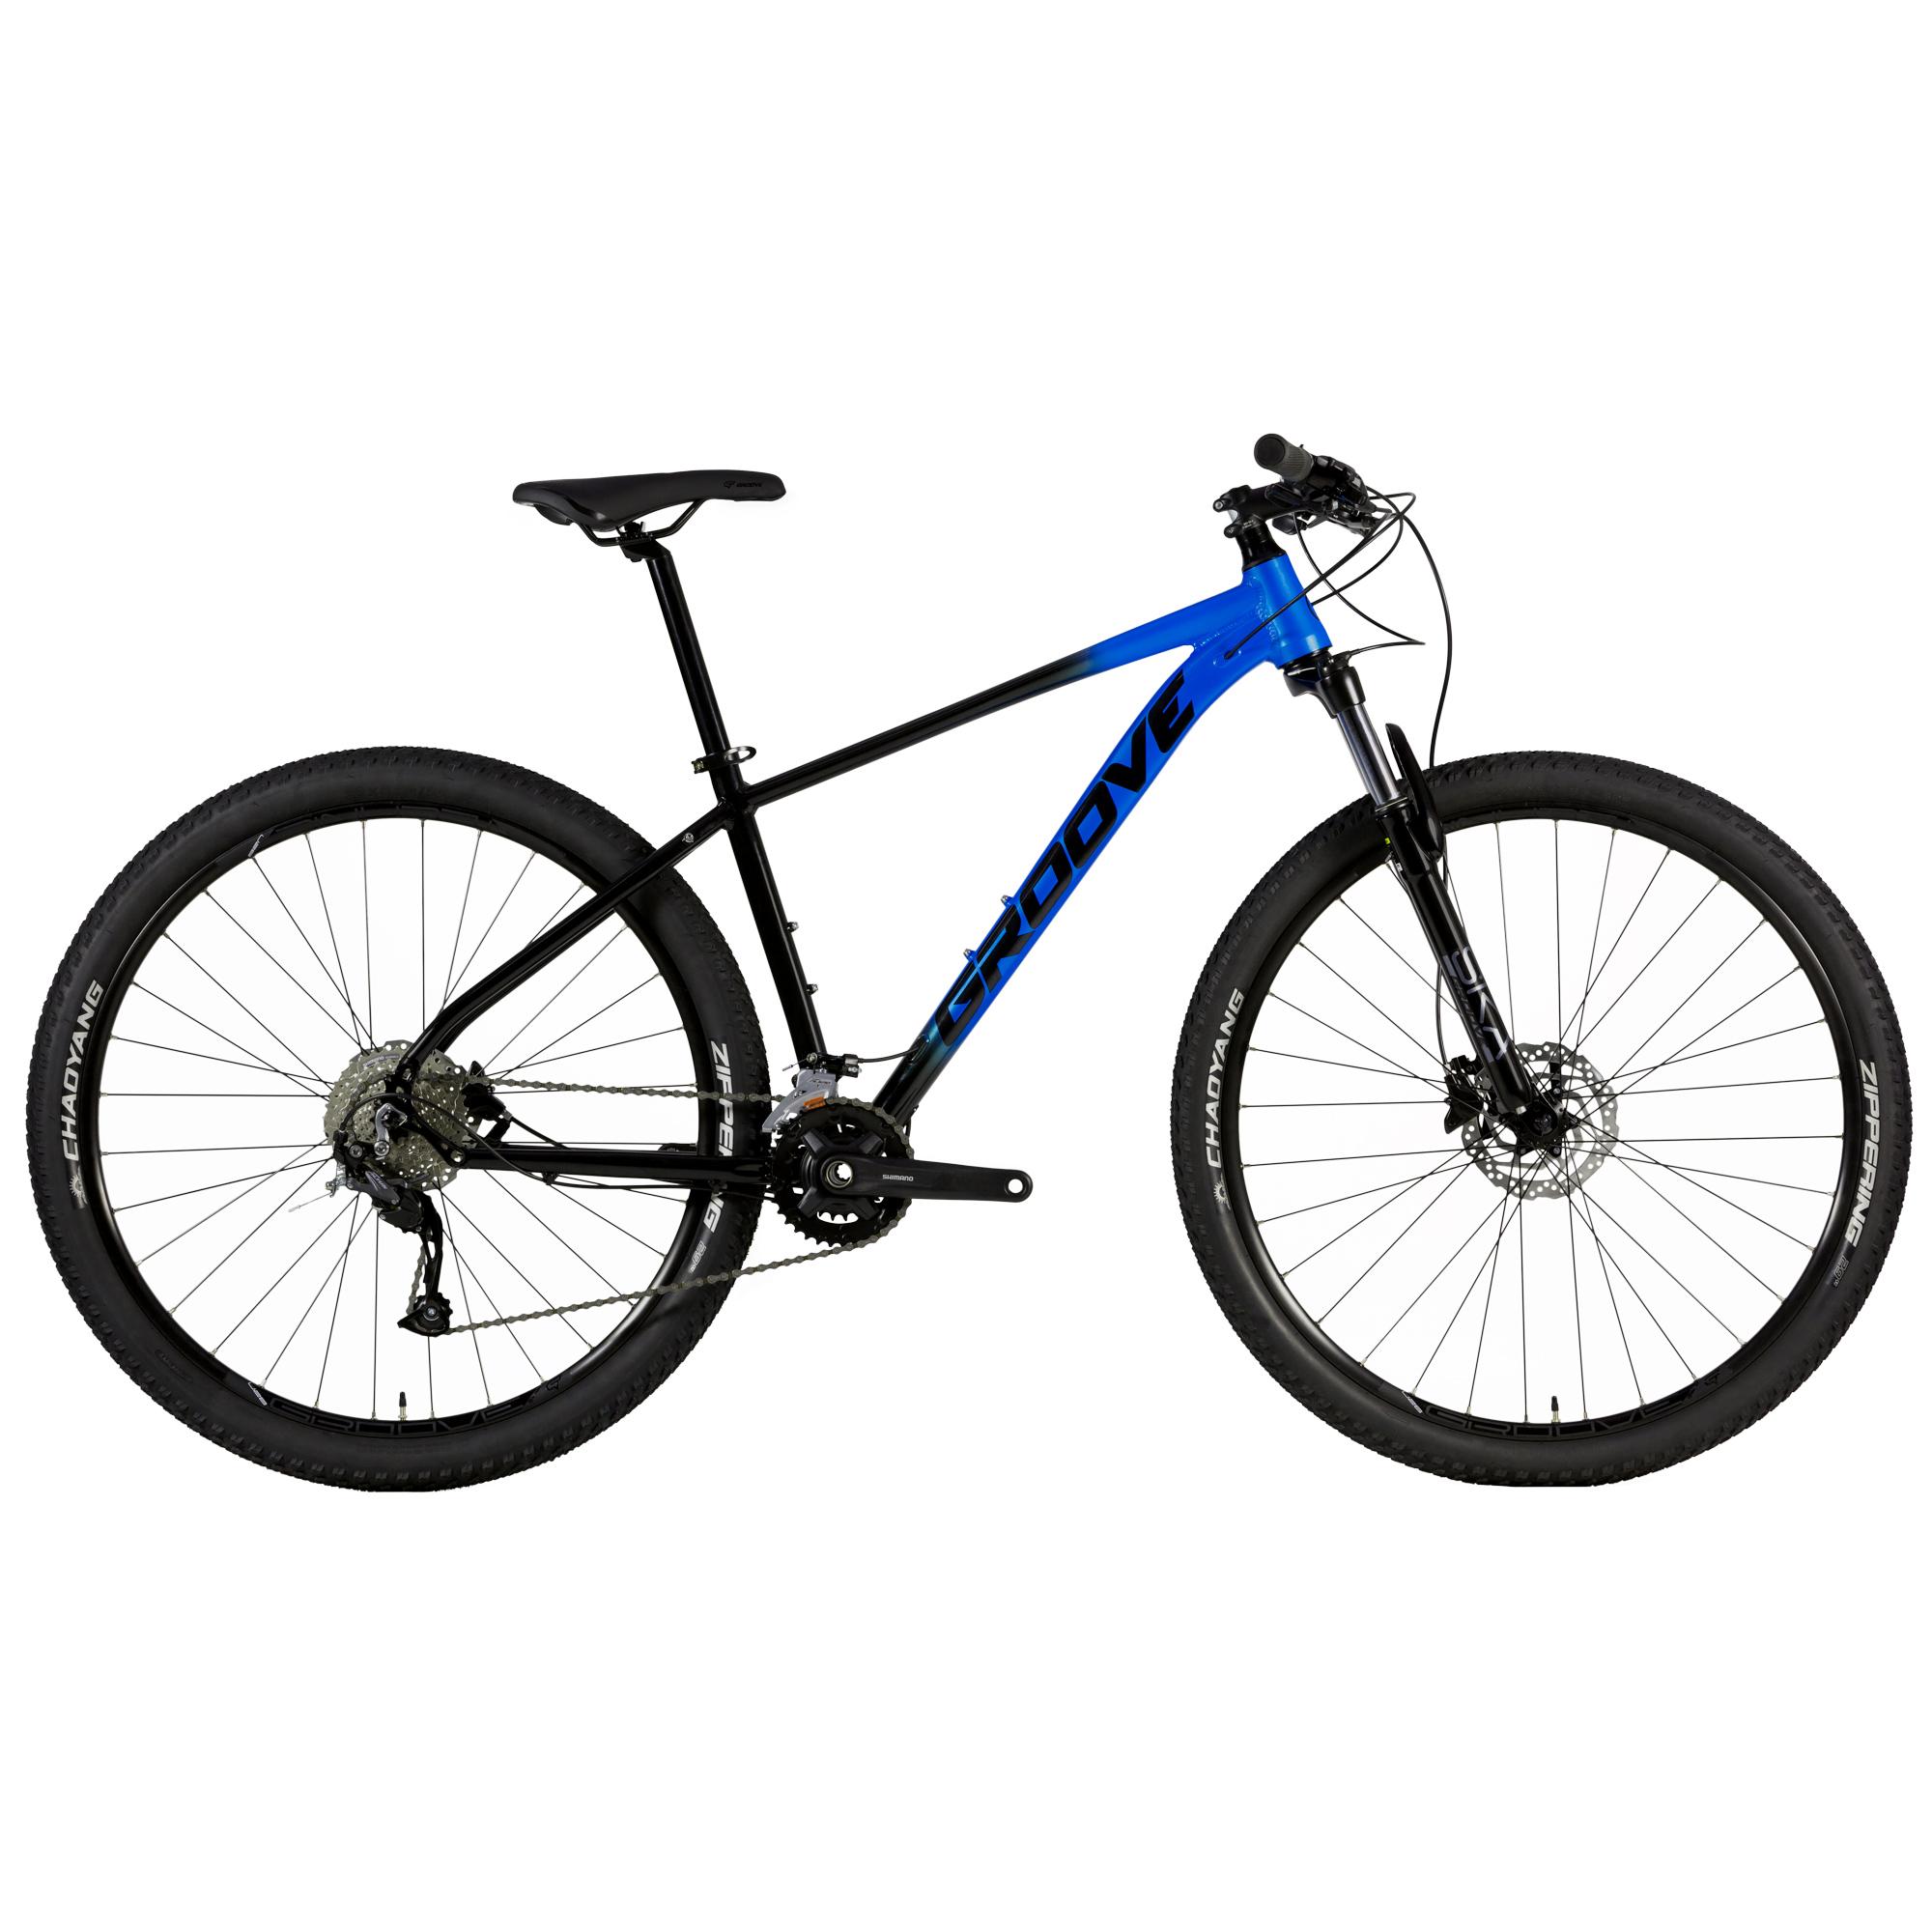 Bicicleta-Groove-Ska-30-1-azul-escuro-01